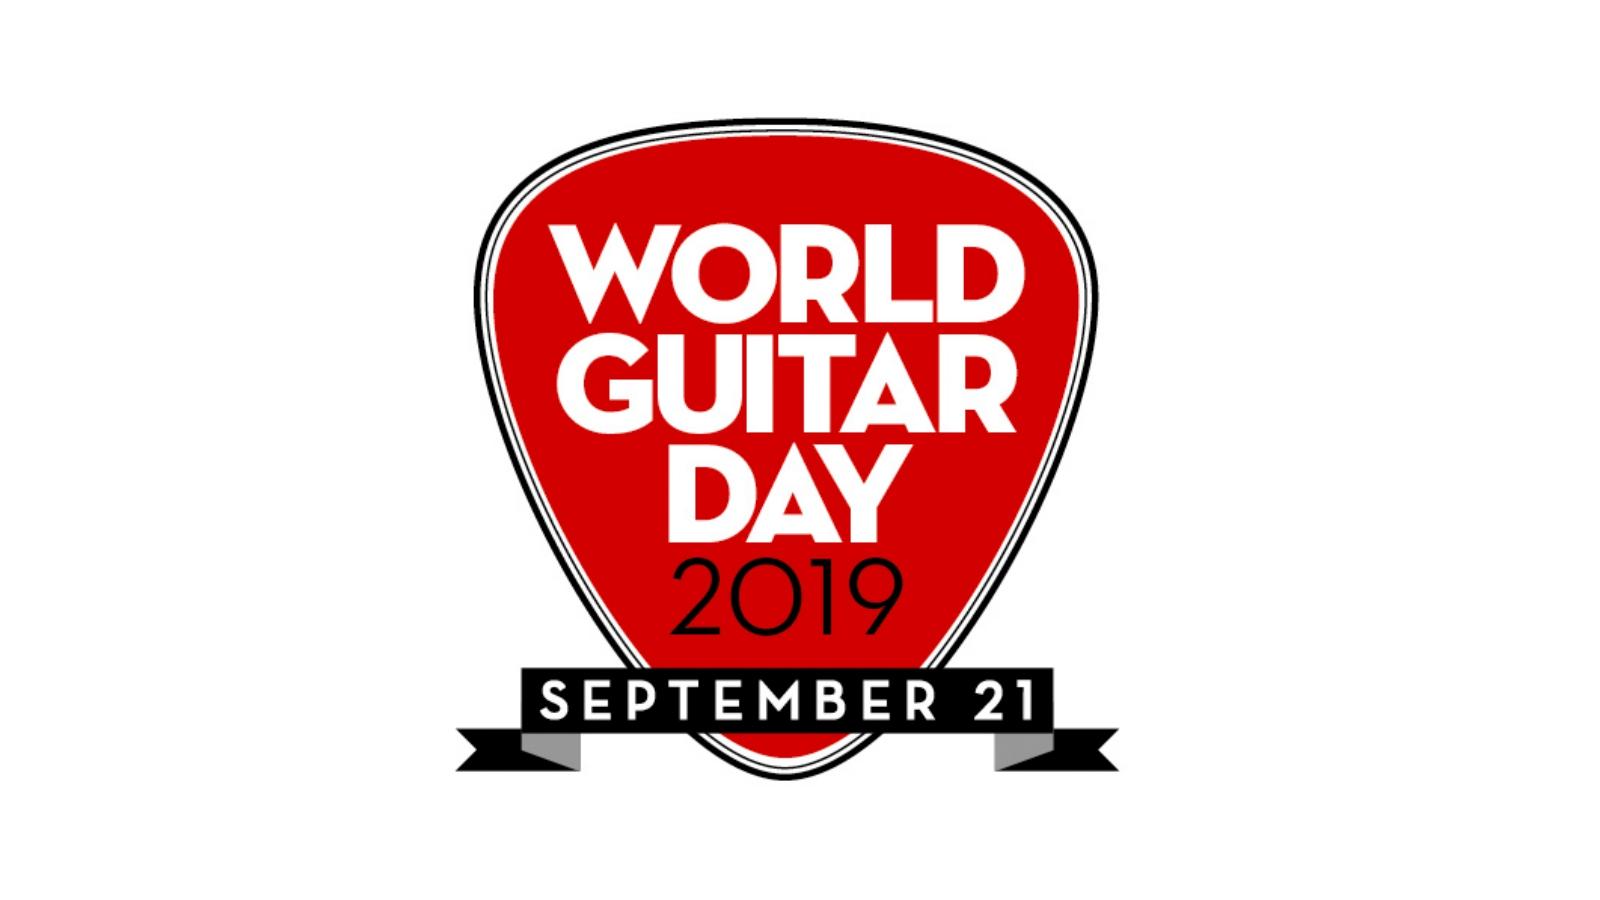 World Guitar Day returns for 2019!